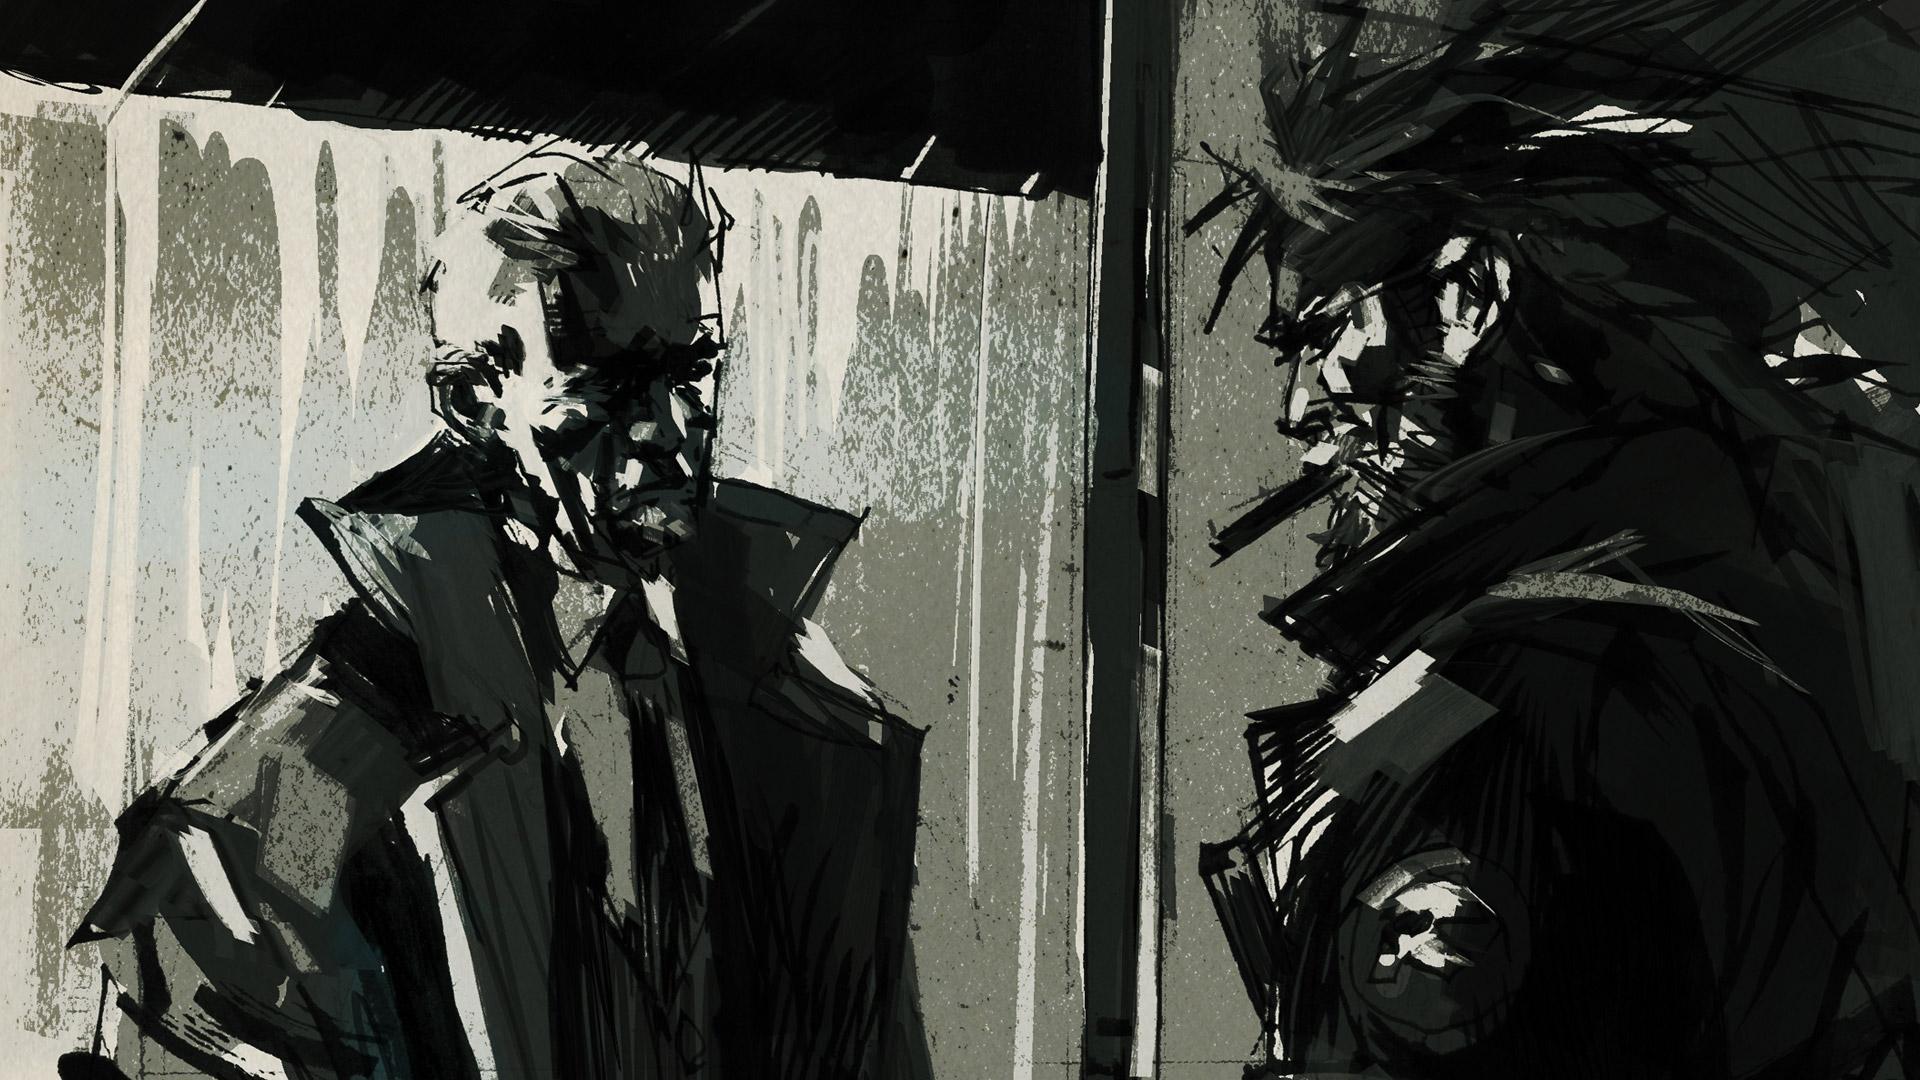 Metal Gear Solid Peace Walker wallpaper 4